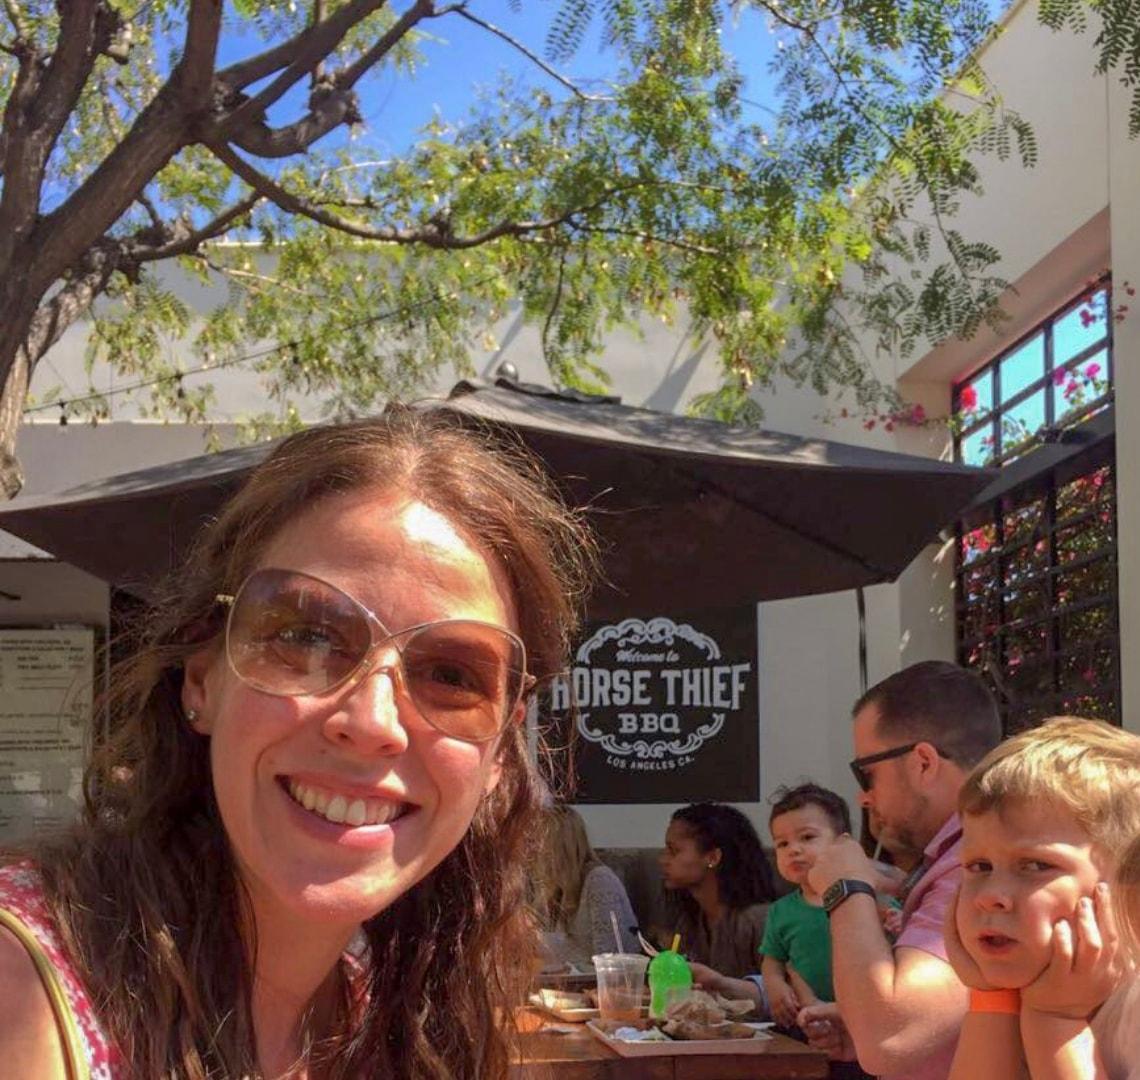 Los Angeles - at Horse Thief BBQ